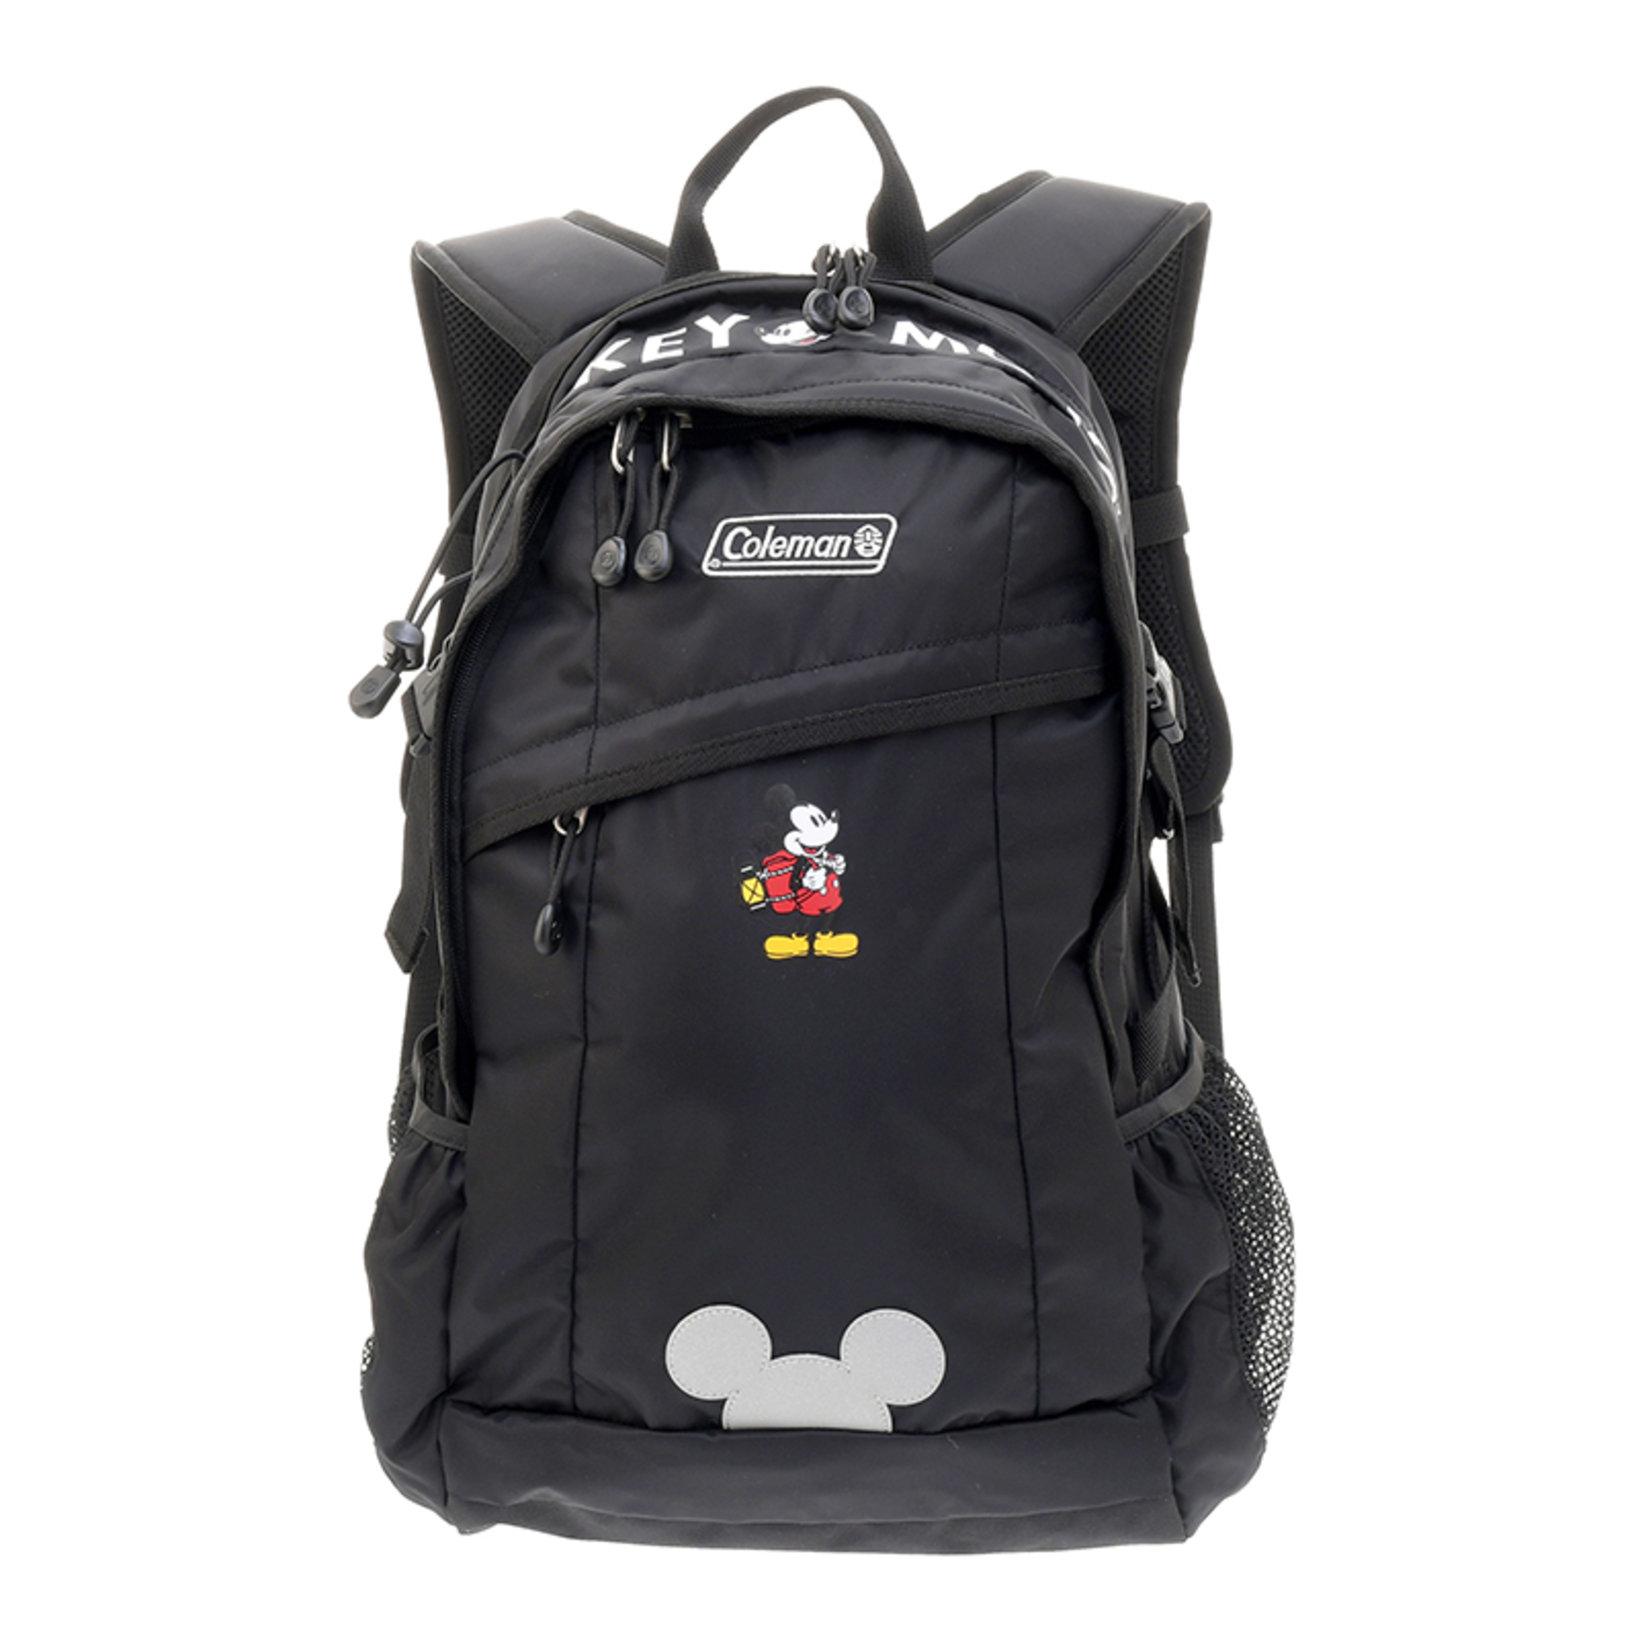 「バックパック ミッキー」©Disney  <商品情報>「バックパック ミッキー」 容量:25L 価格:7,900円